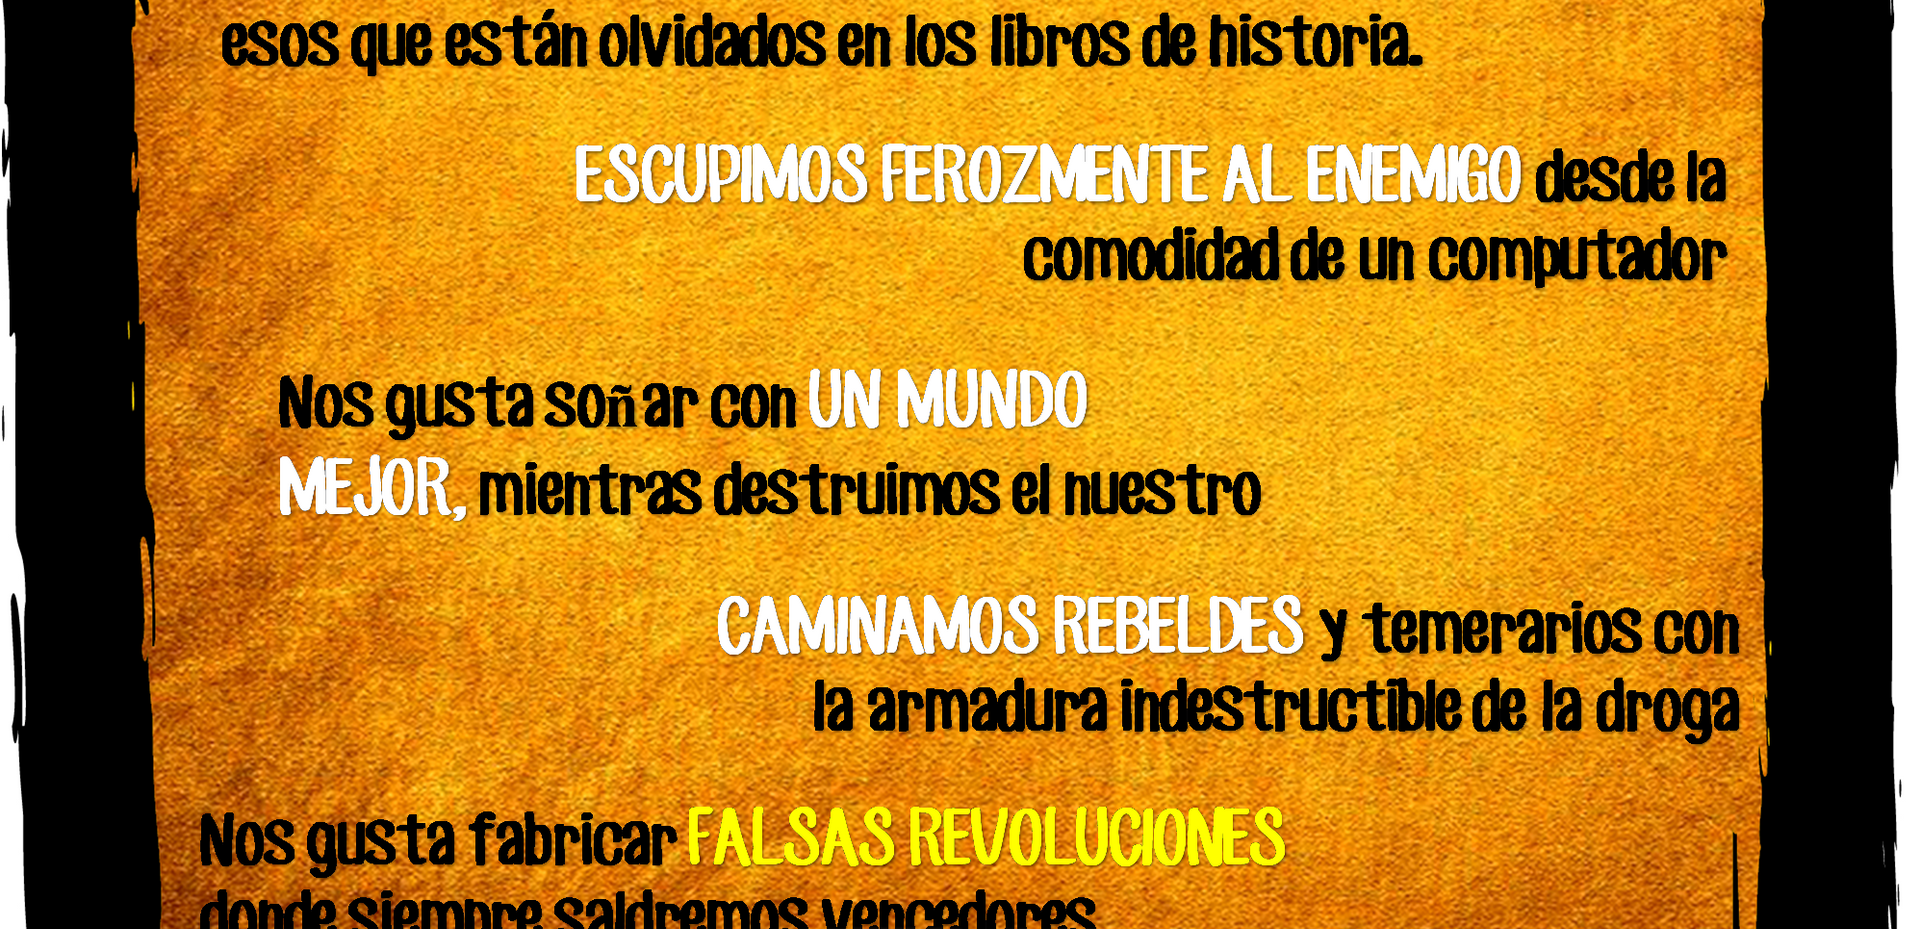 Revolucion FB